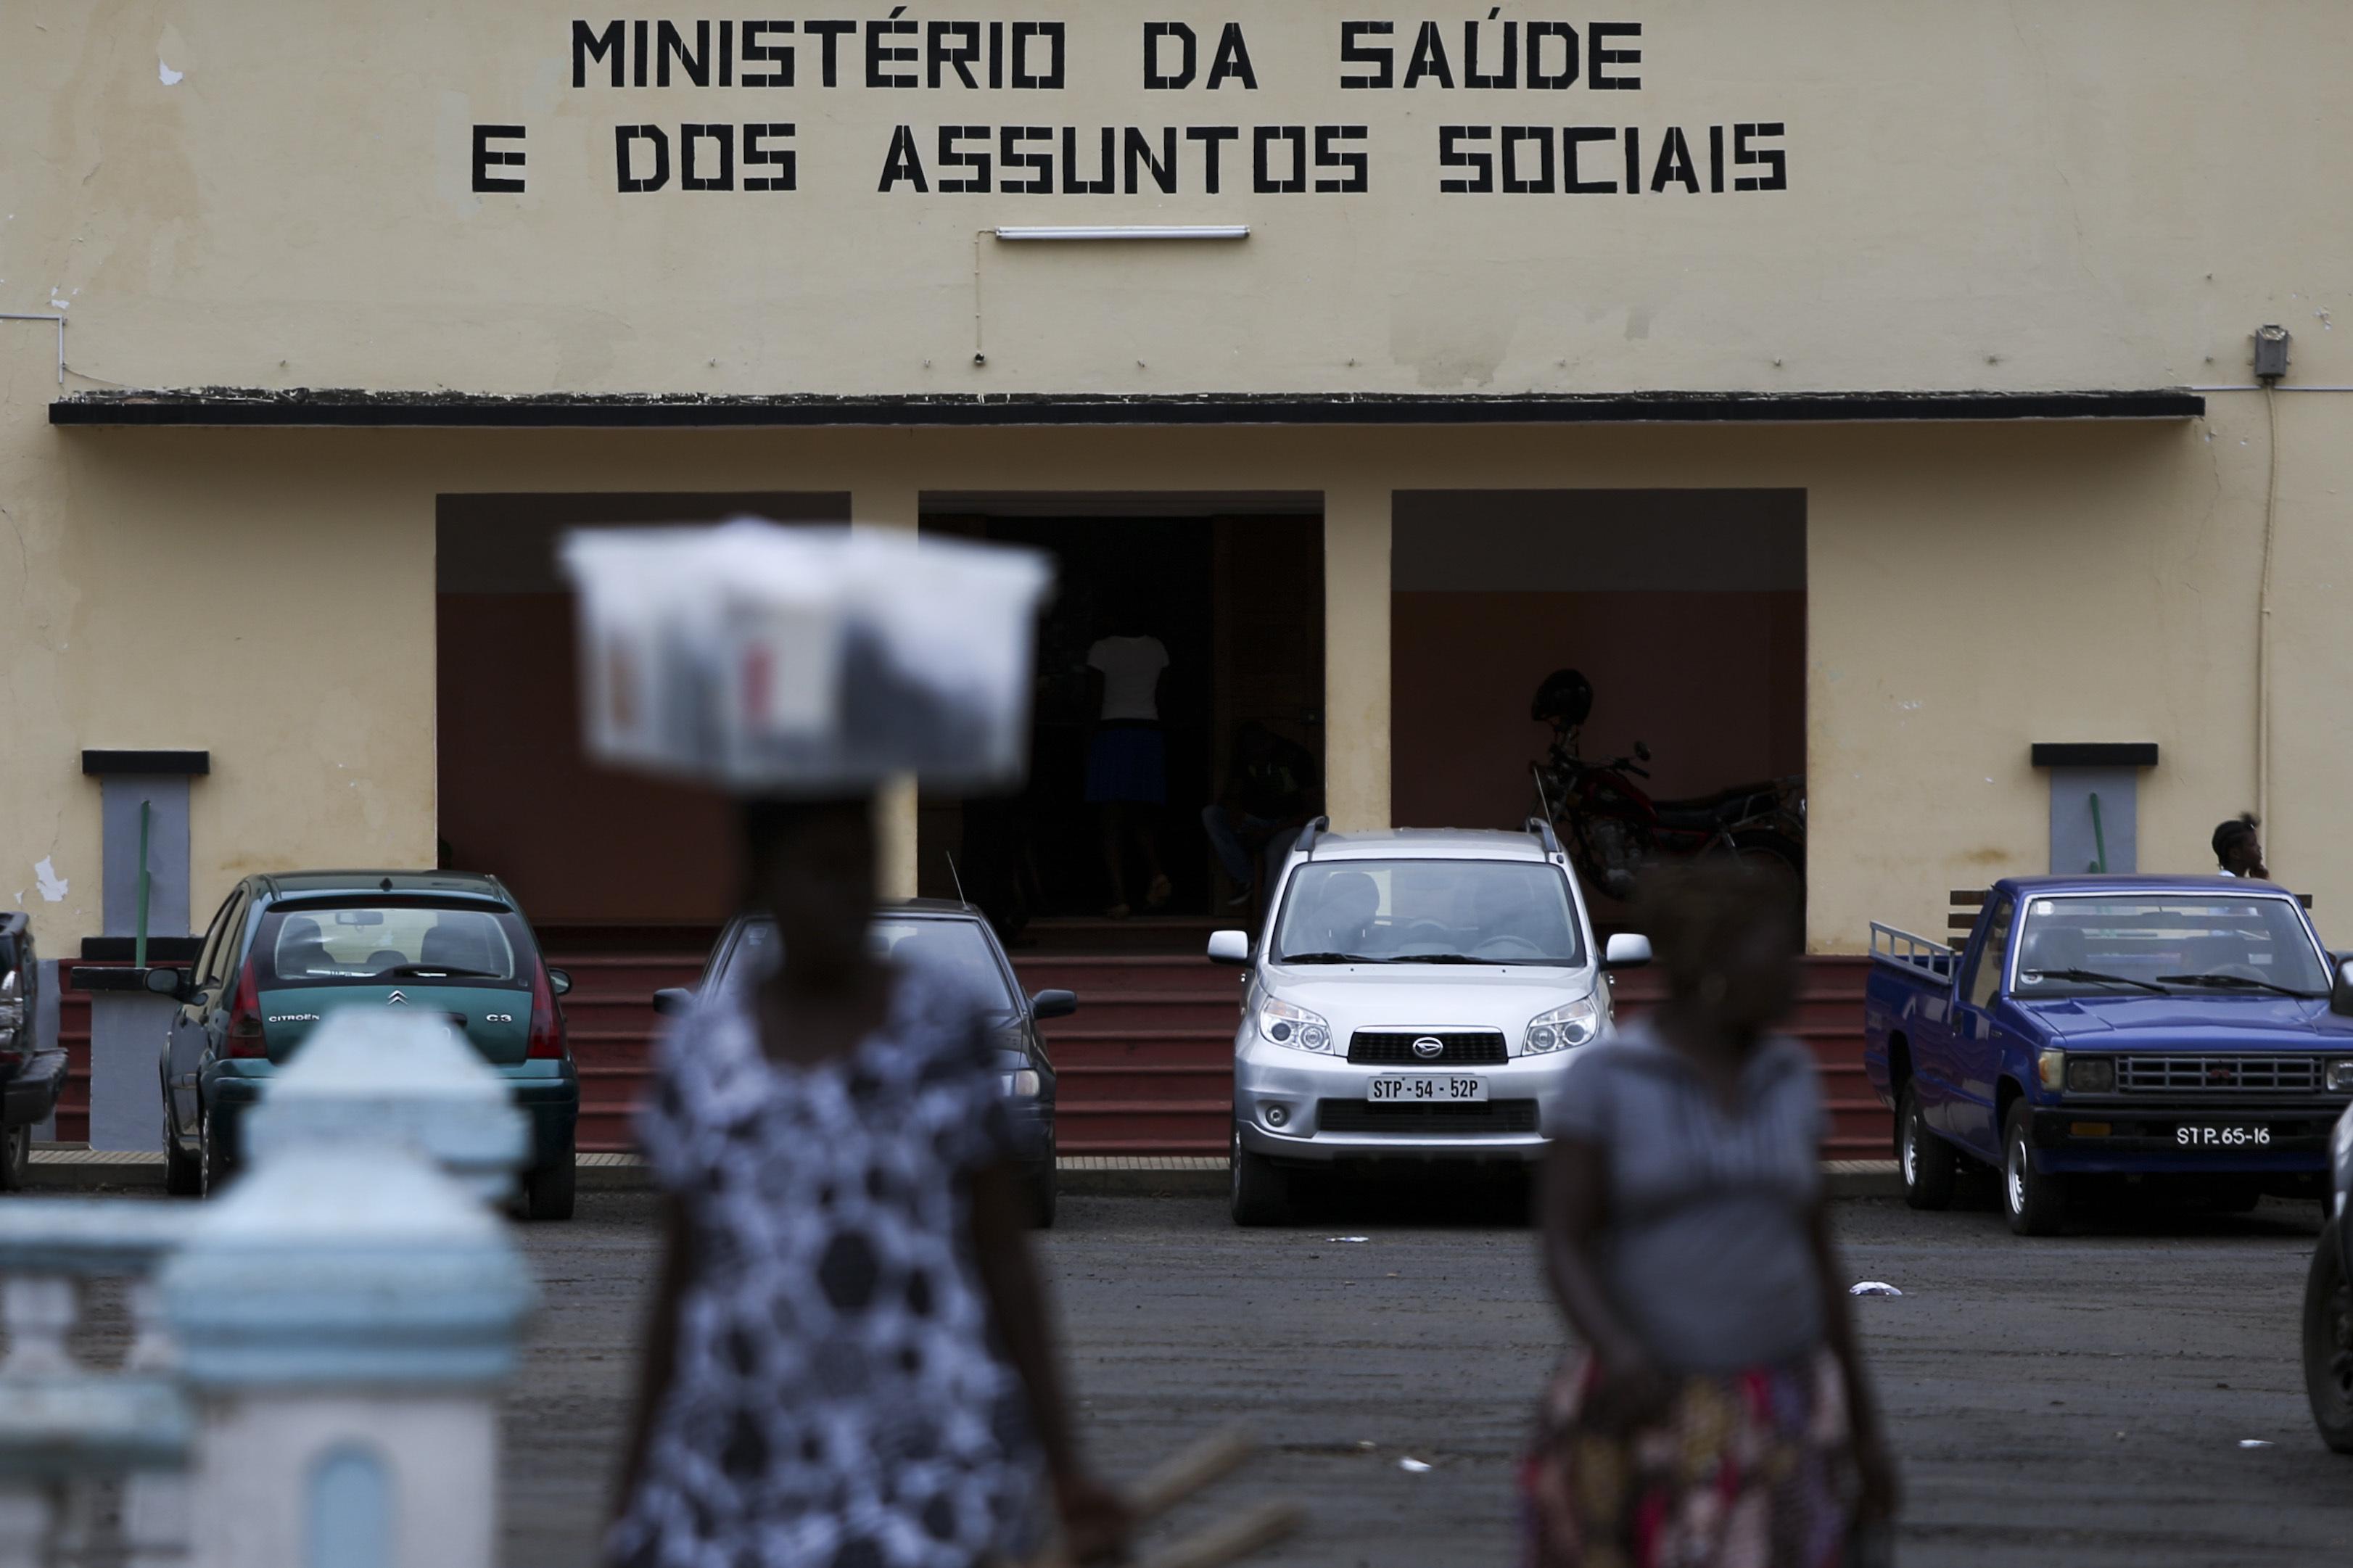 São Tomé suspende ligações com Príncipe e visitas a doentes e presos